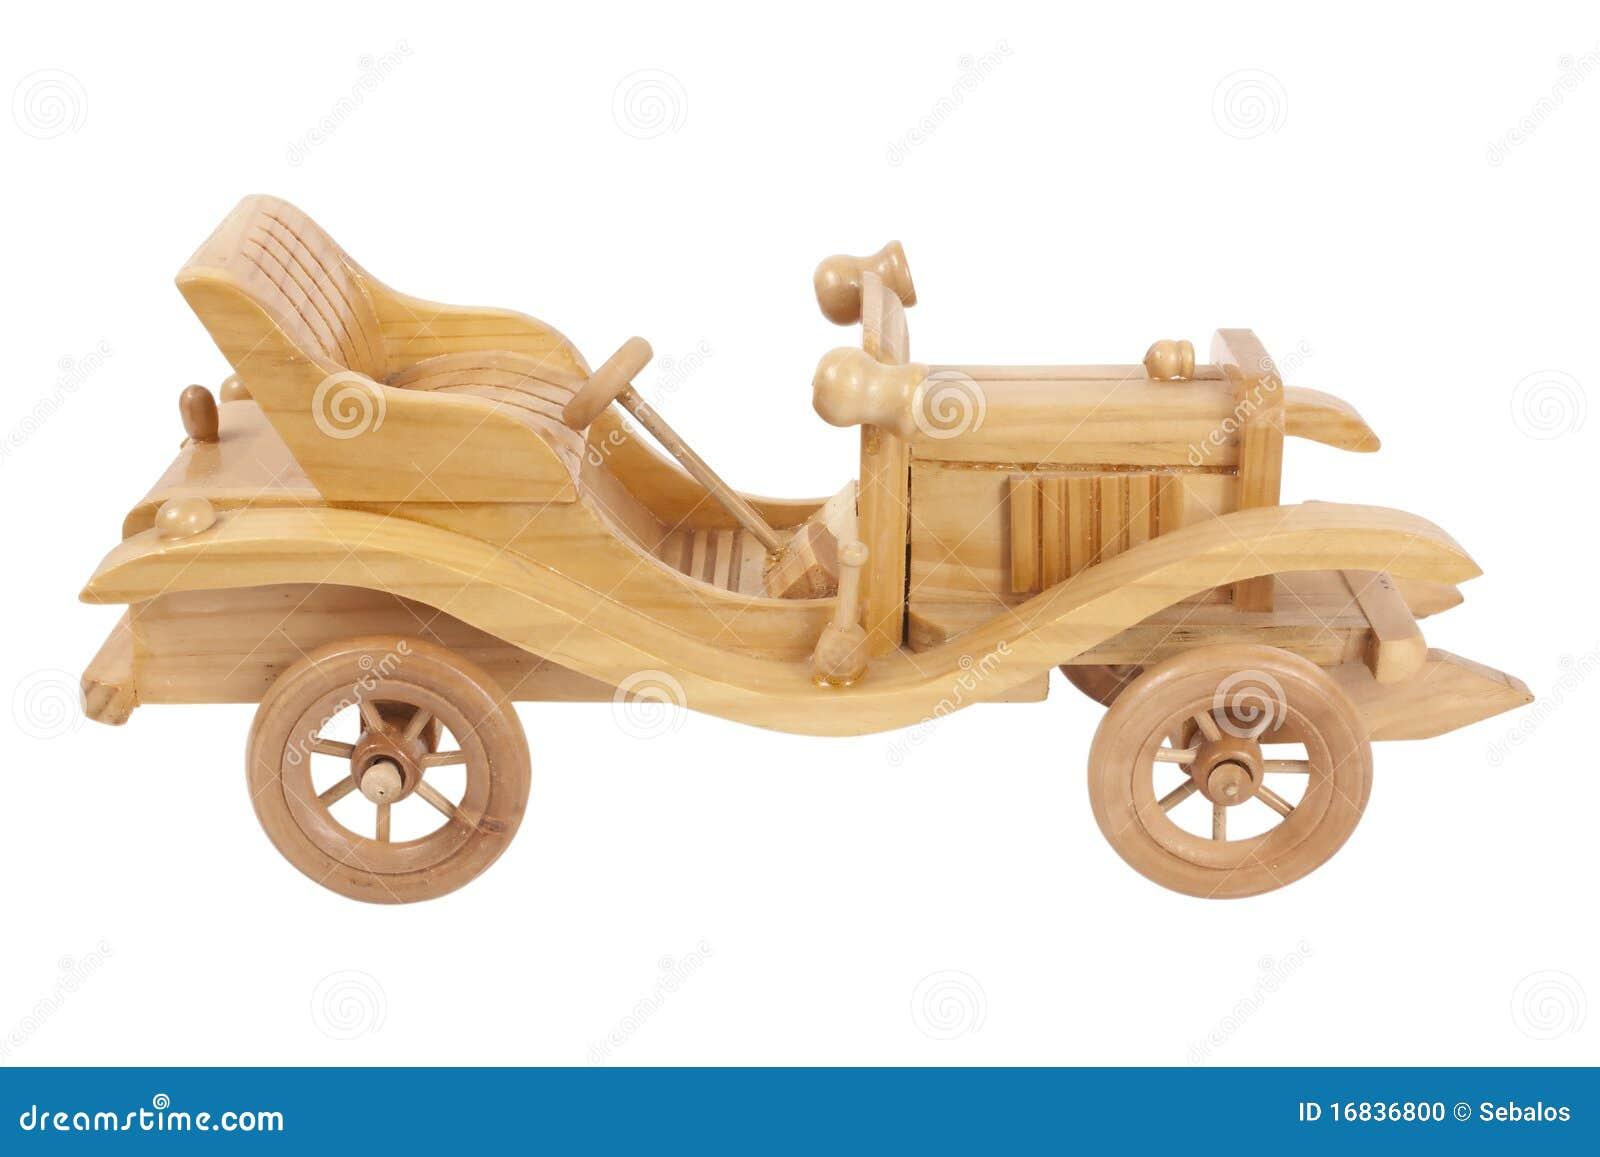 Carro De Madeira Do Brinquedo Foto de Stock - Imagem: 16836800